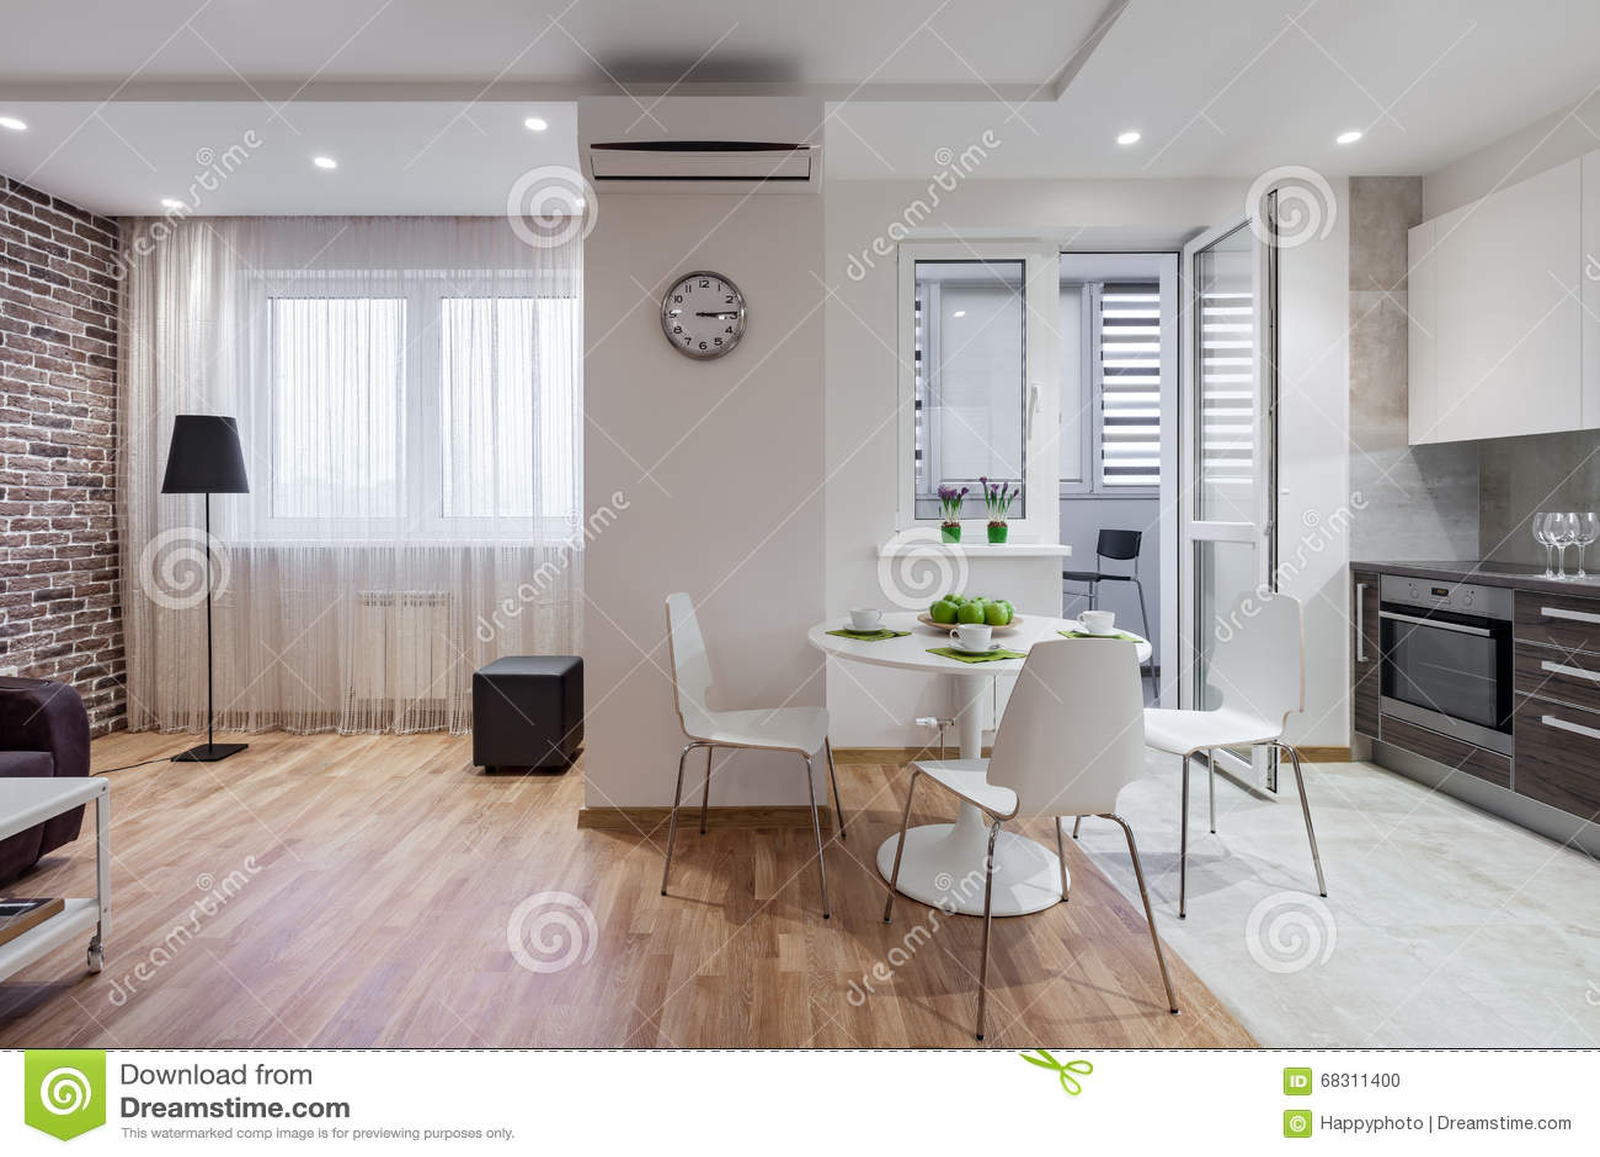 modernes appartement interieur, intérieur d'appartement moderne dans le style scandinave avec la, Design ideen